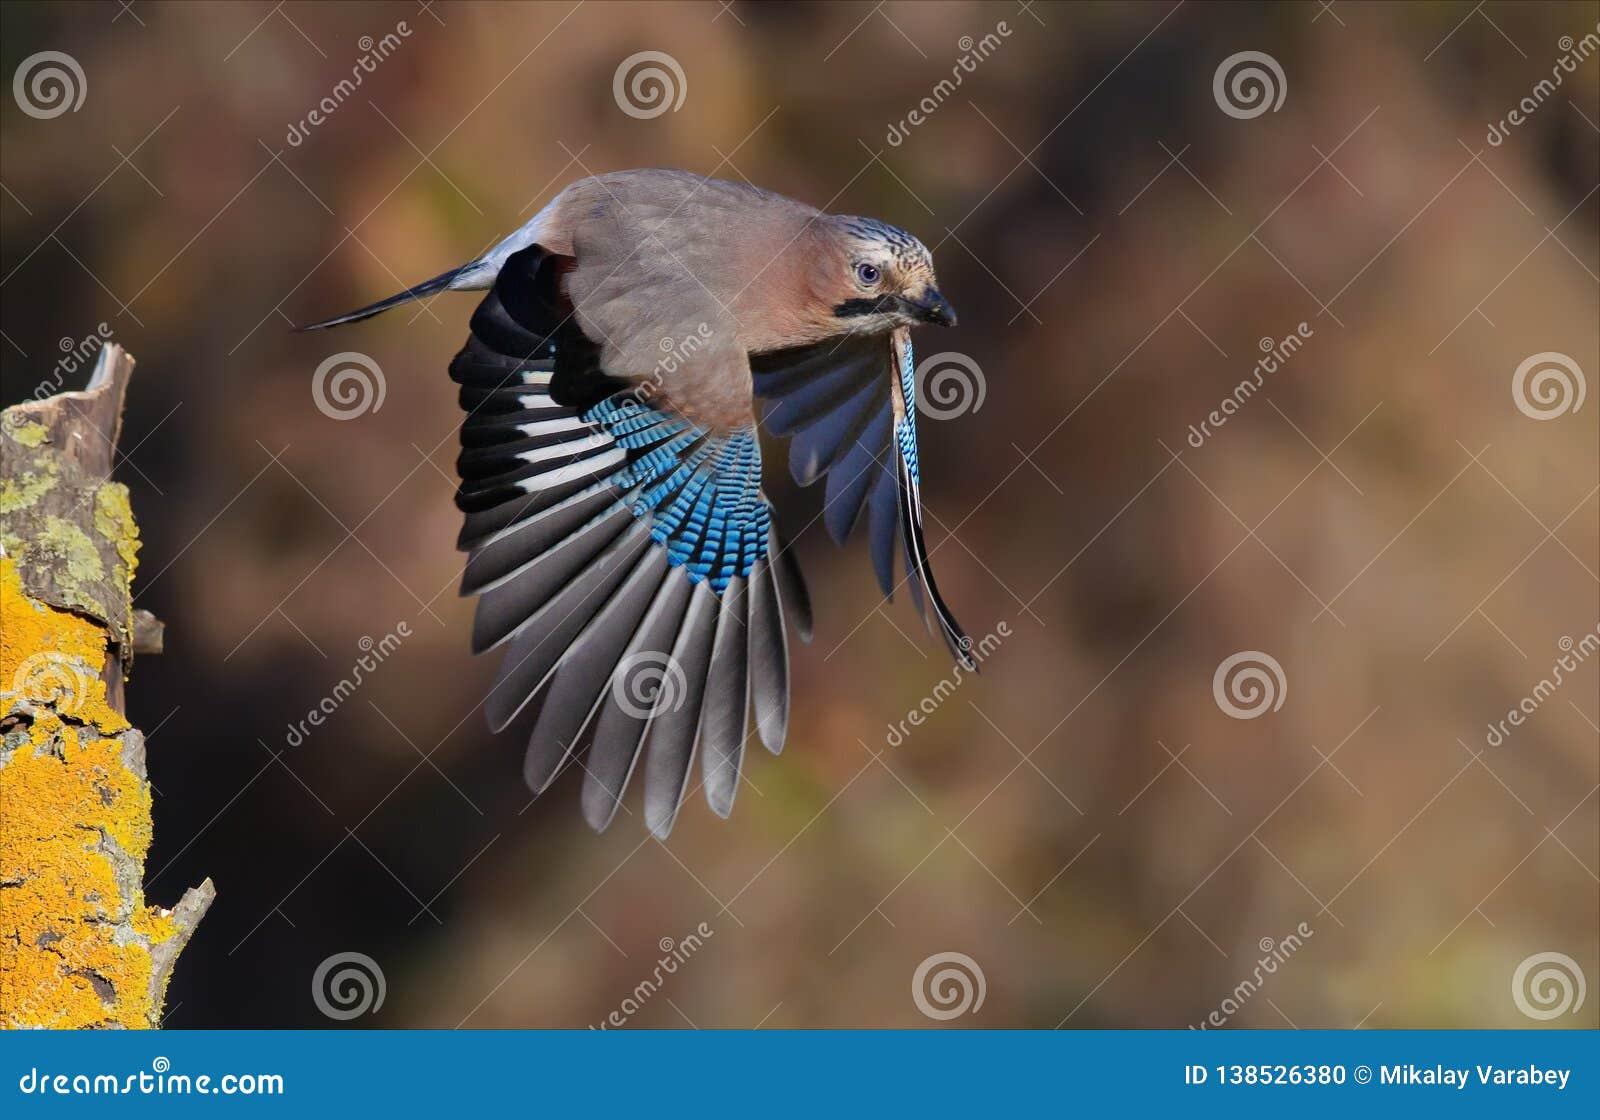 De Europees-Aziatische Vlaamse gaai die opstijgen met strretched vleugels van tak in de herfst